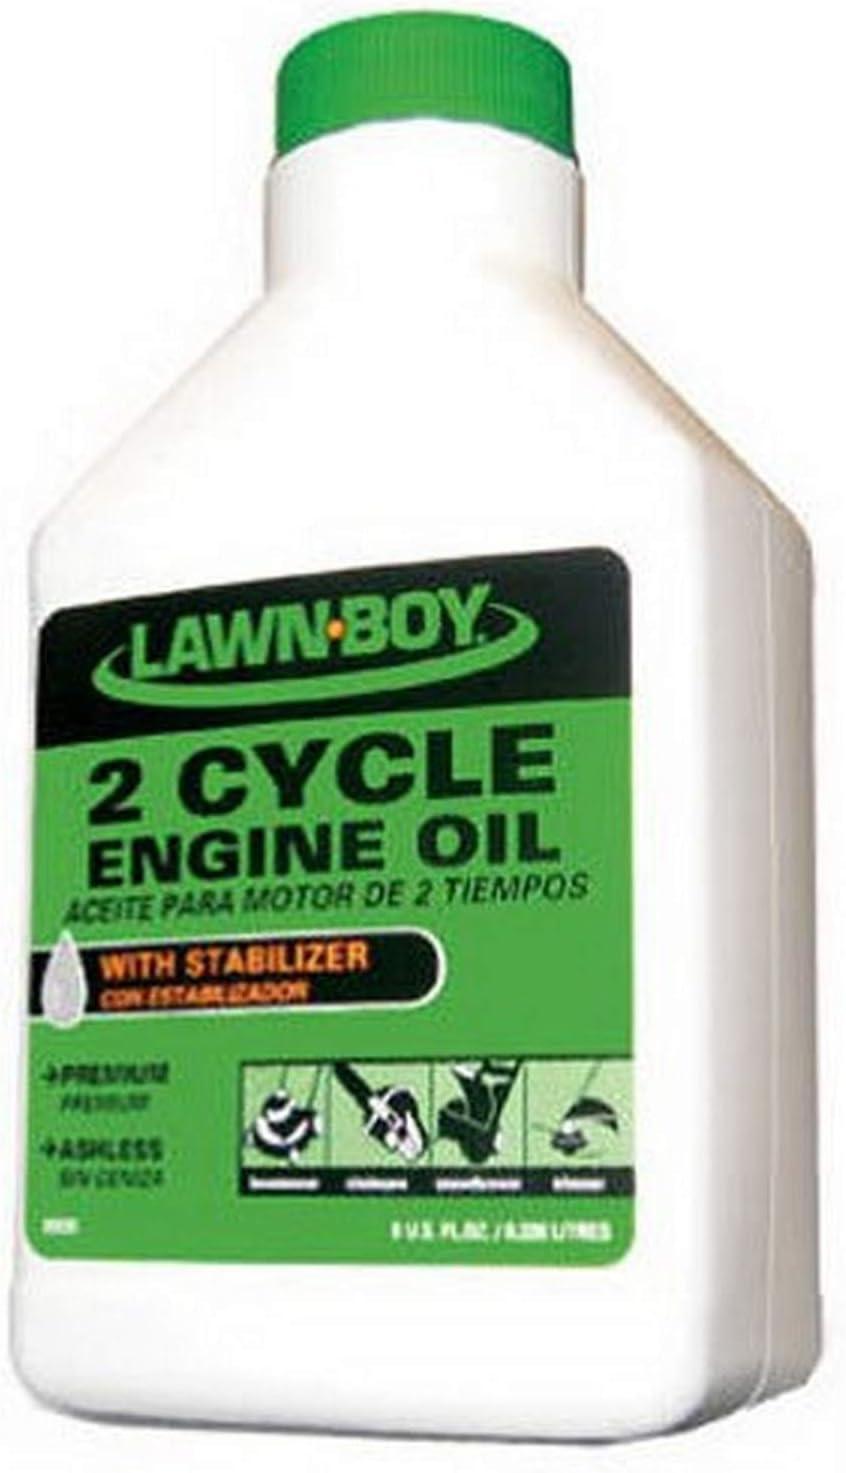 Lawn-Boy 89930 Best Oil For Lawn Mower